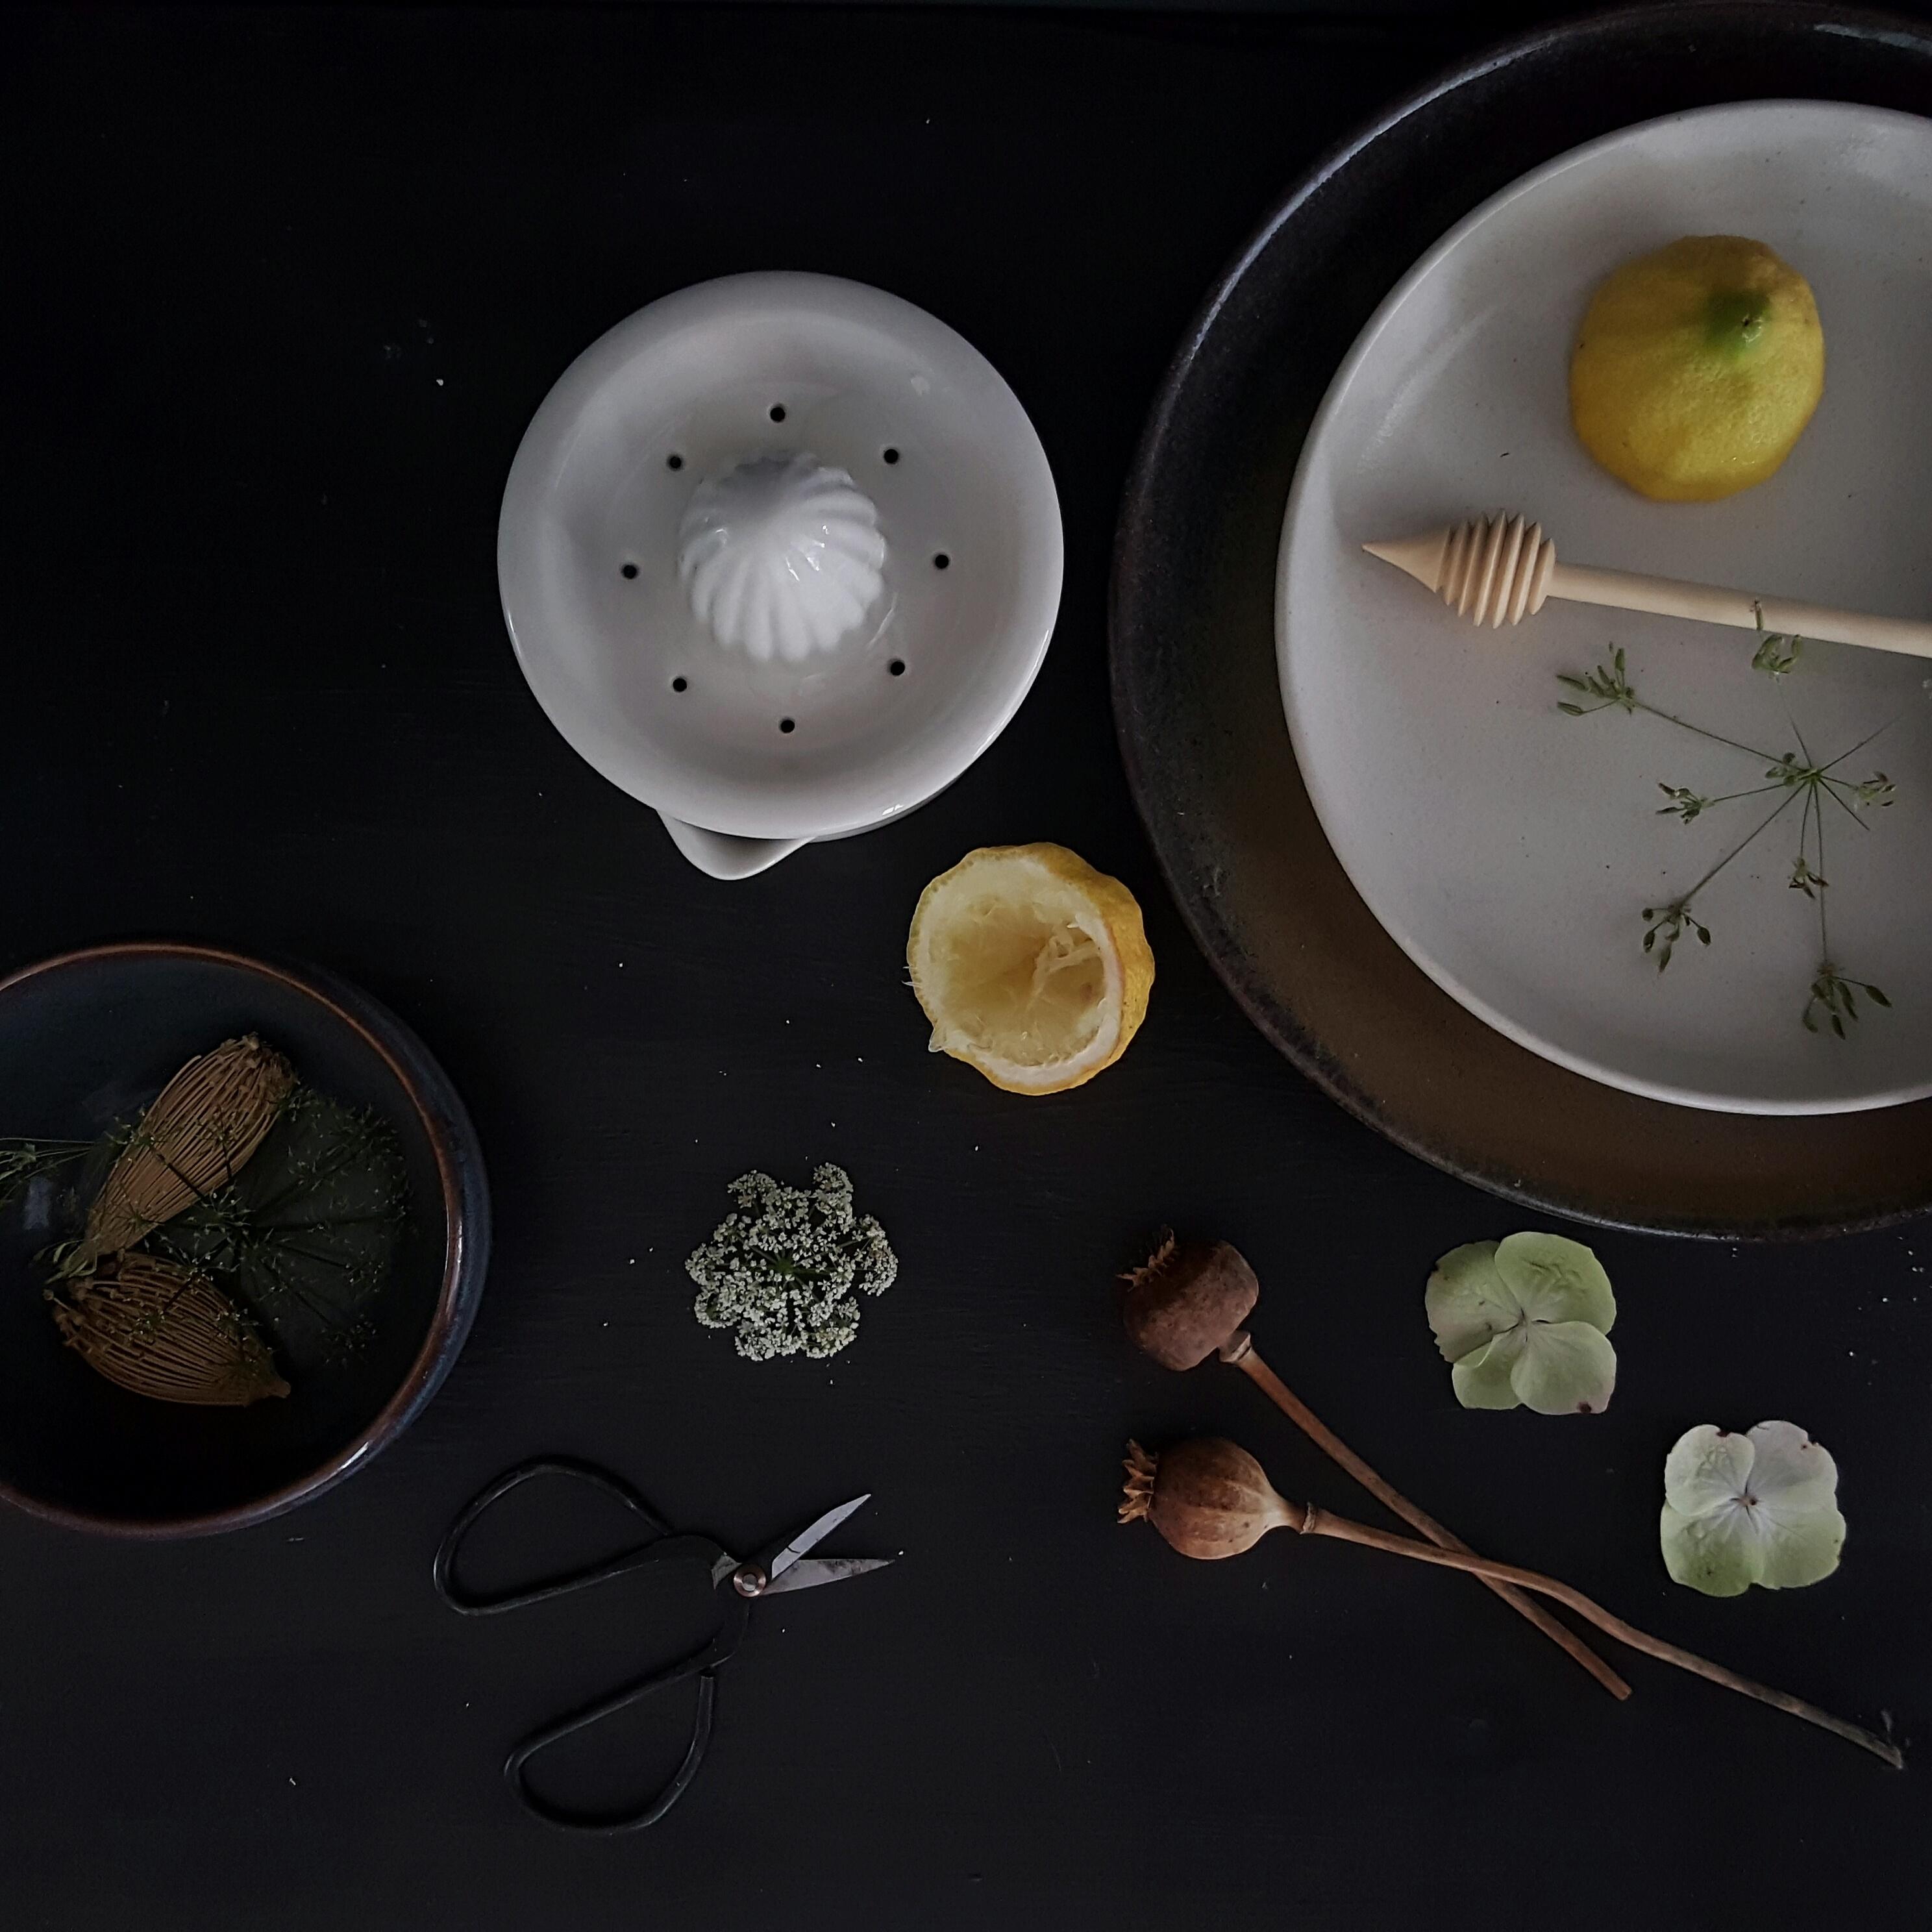 Minor Goods Ceramics